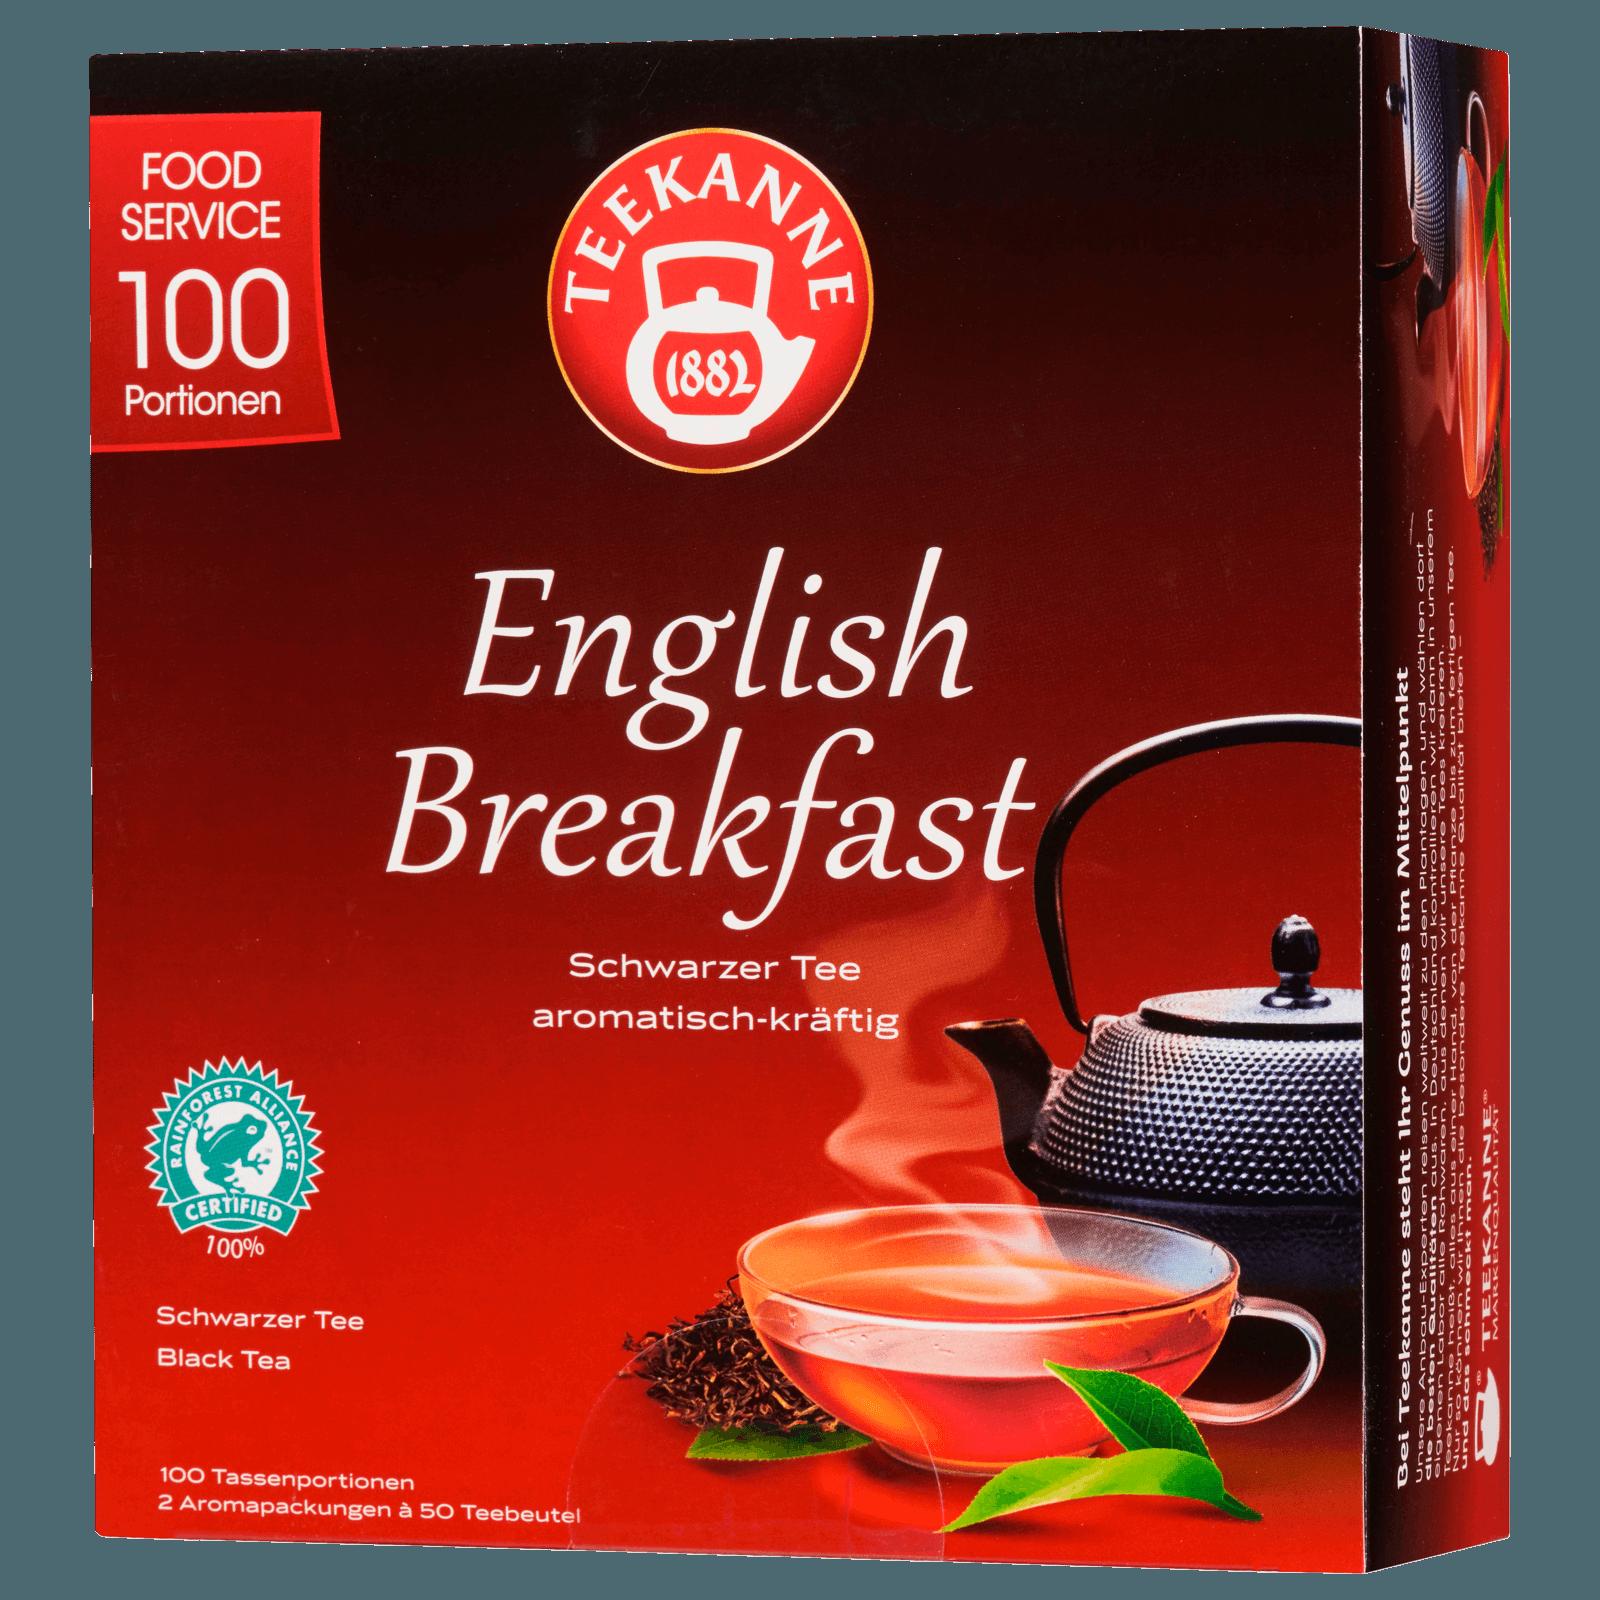 Teekanne English Breakfast Schwarzer Tee 175g, 100 Beutel